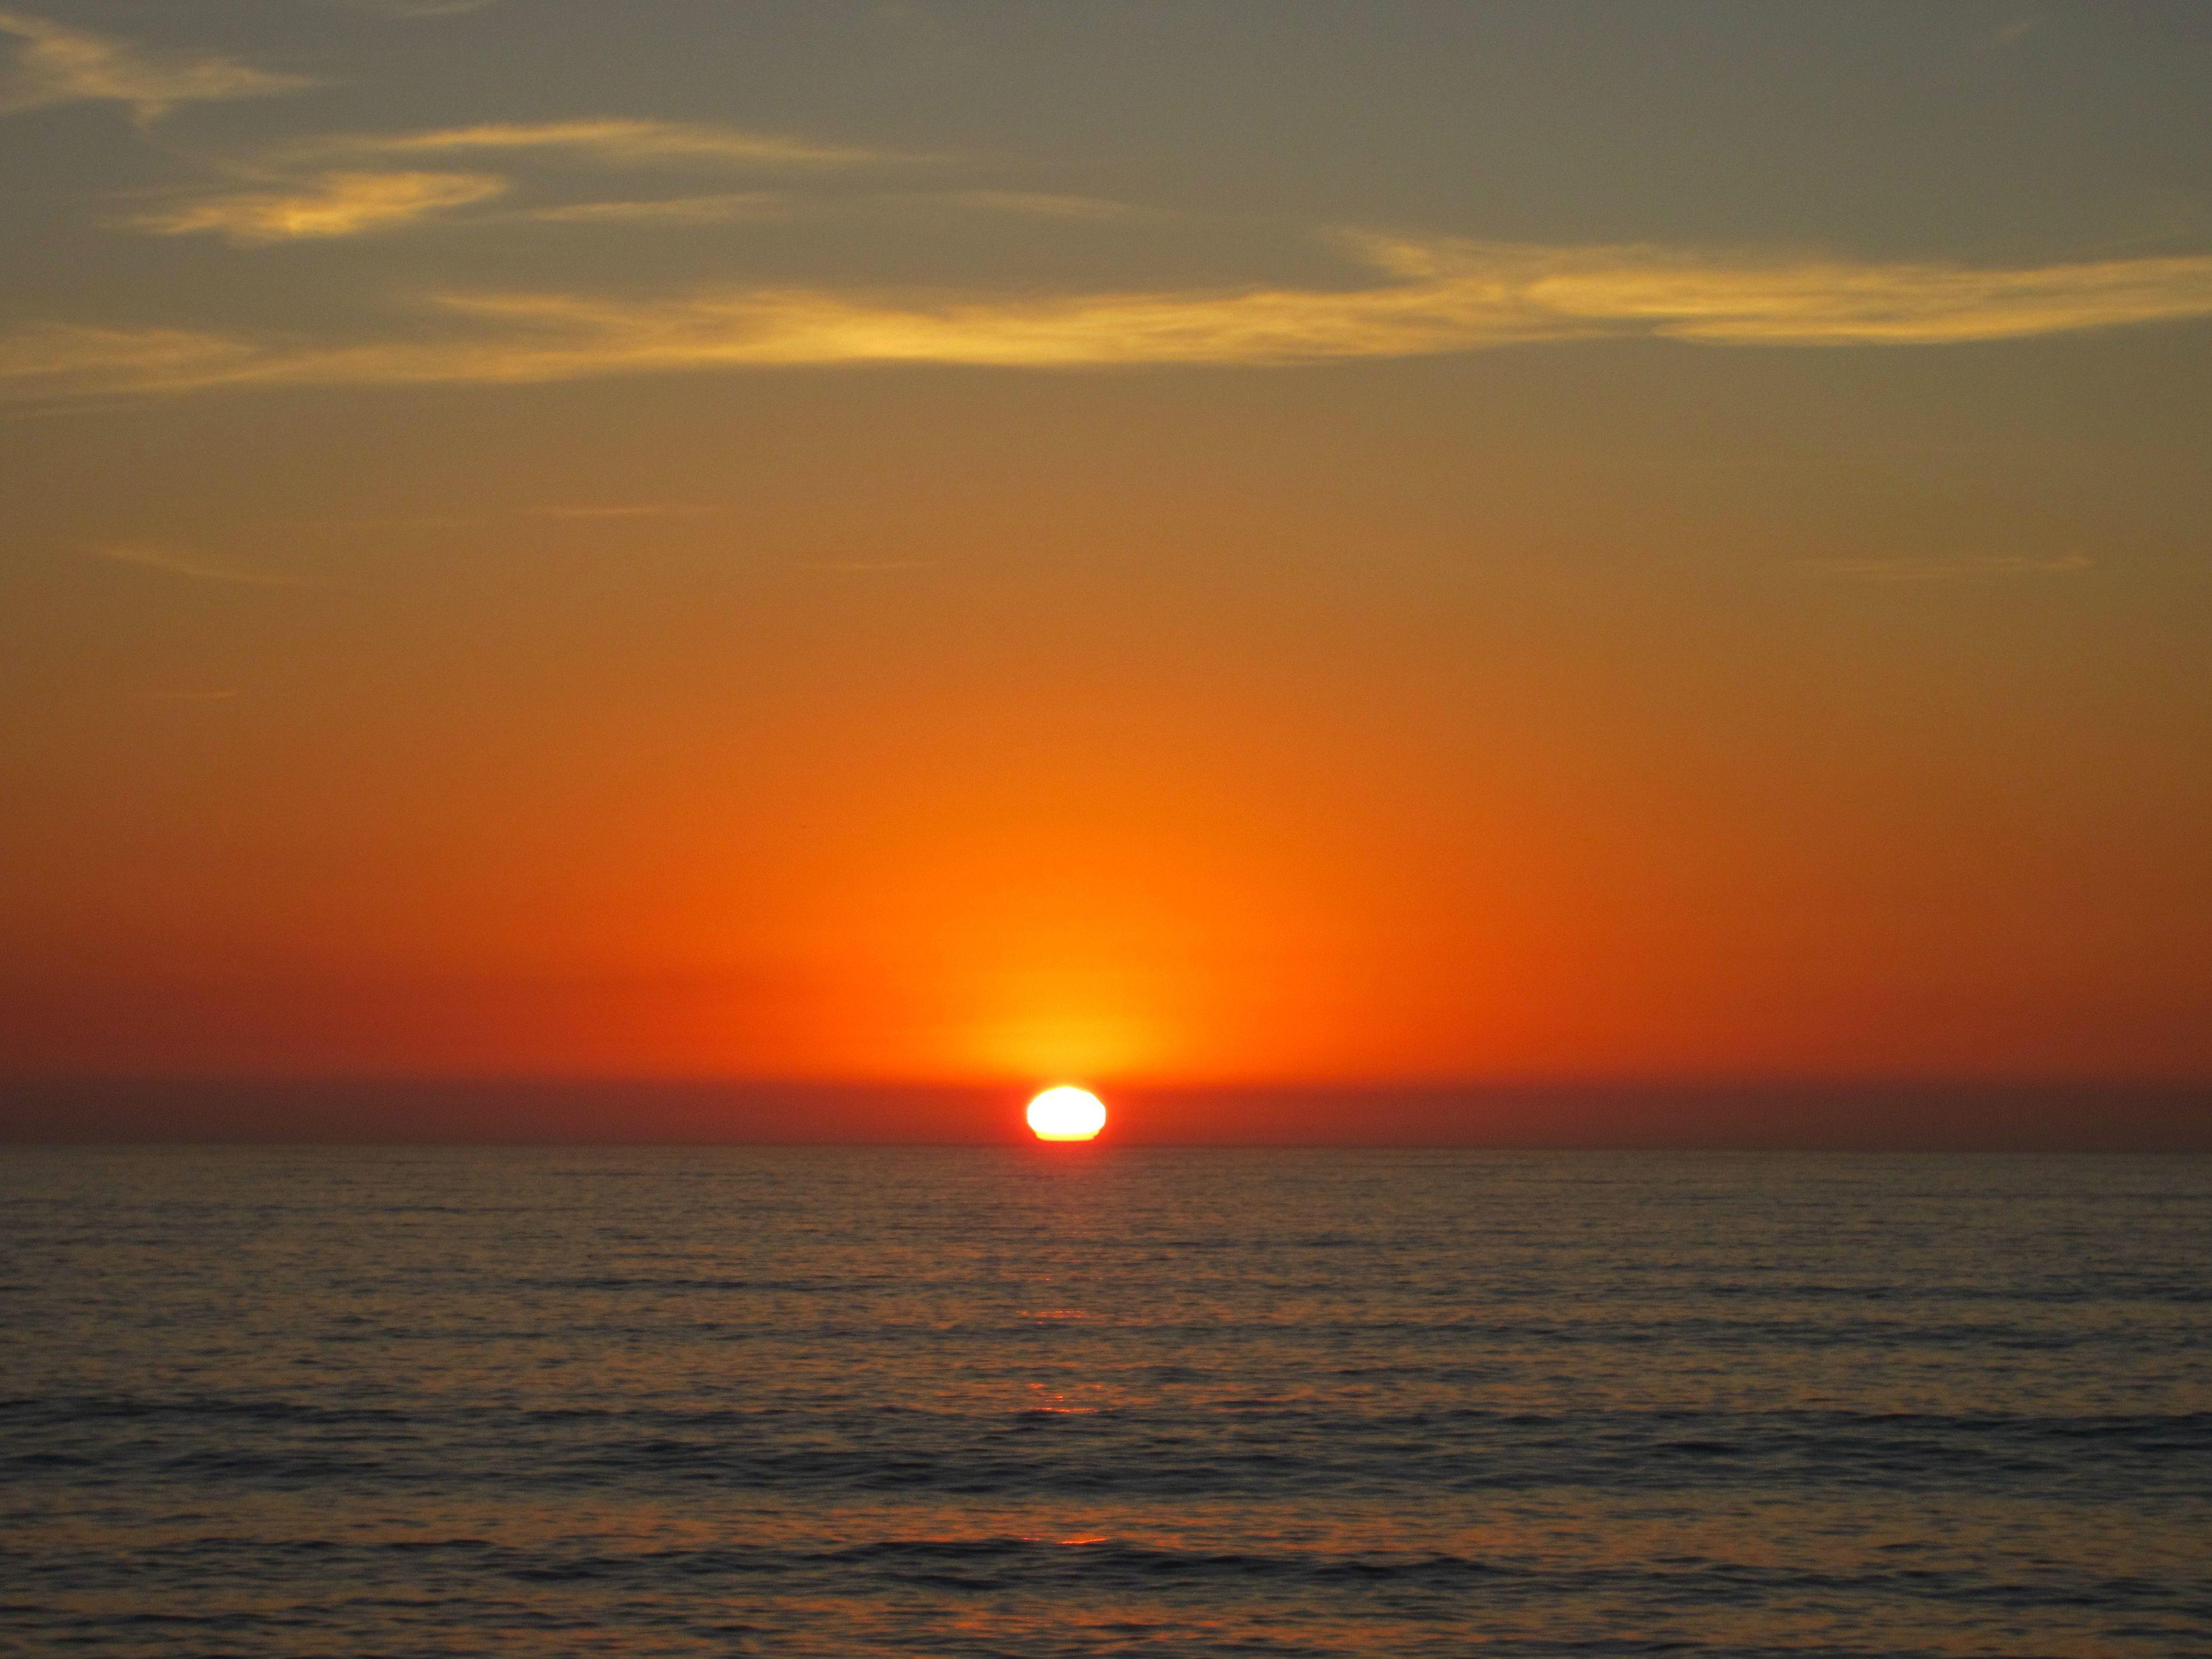 Kostenlose Bild orange Sonnenuntergang Meer und zum Sonnenuntergang Sonnenuntergang Meer